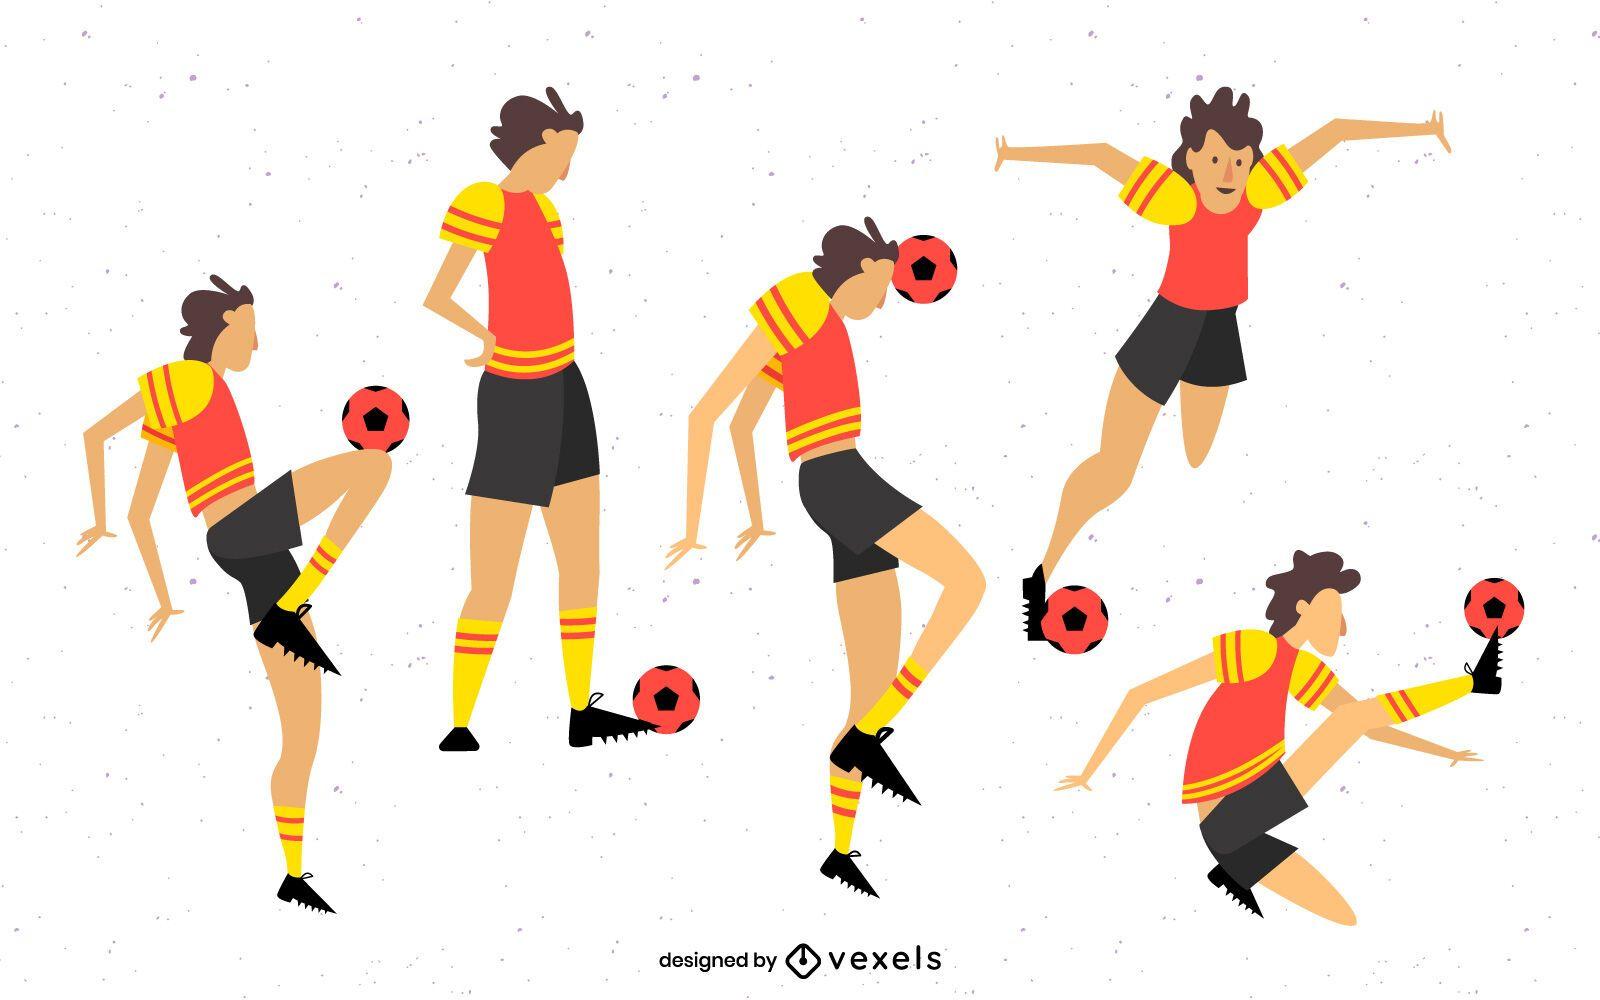 Paquete de personajes de fútbol femenino